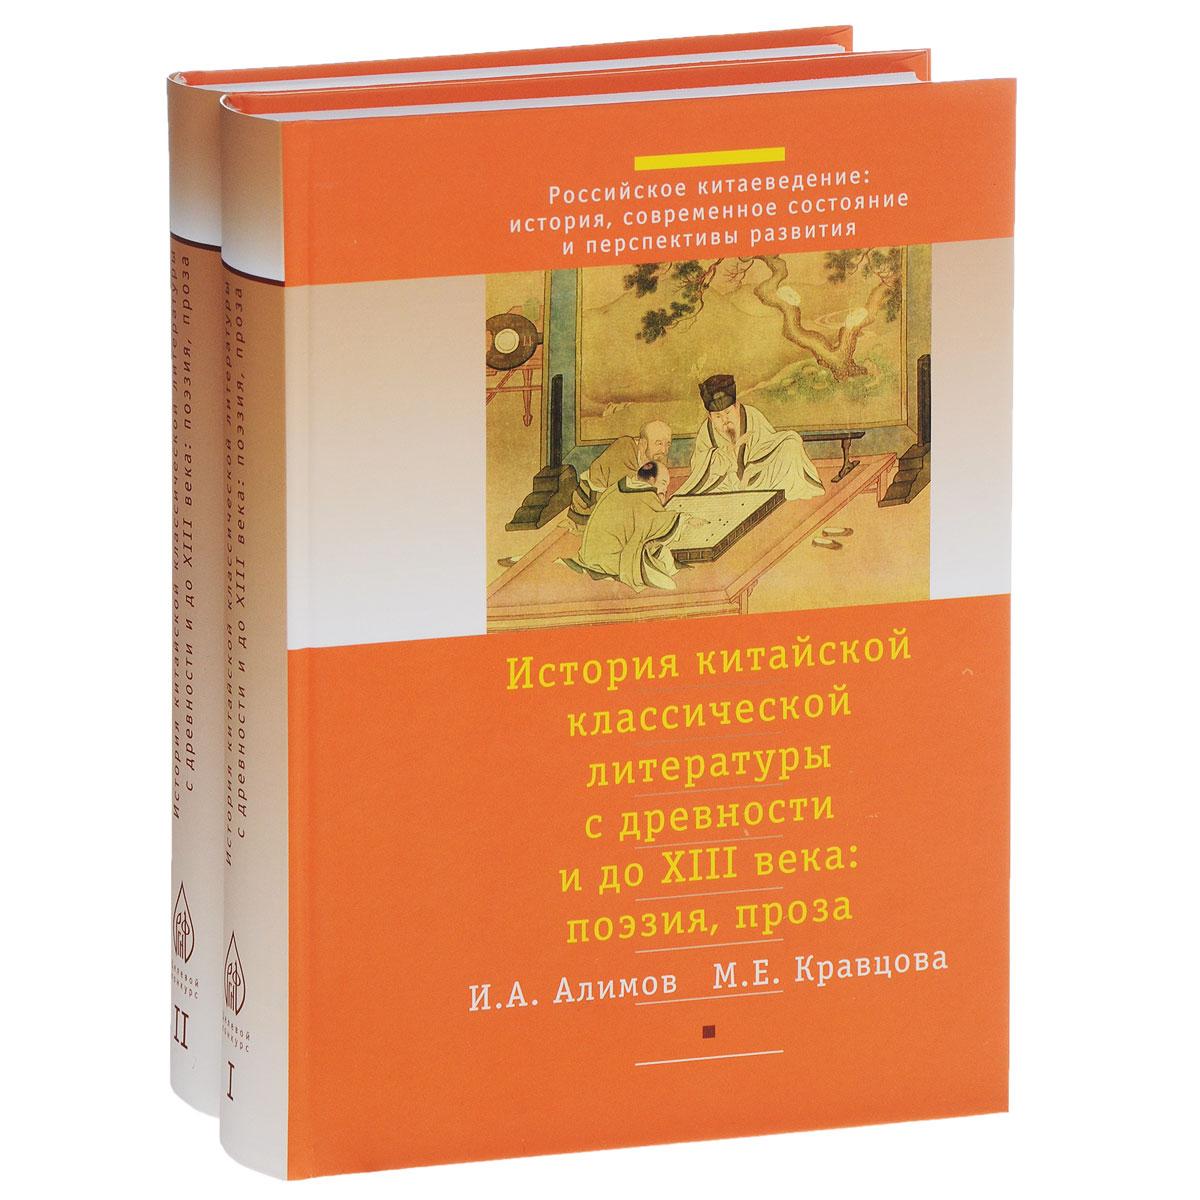 И. А. Алимов, М. Е. Кравцова История китайской классической литературы с древности и до XIII века. Поэзия, проза. В 2 частях (комплект из 2 книг) шедевры китайской классической прозы неизданное